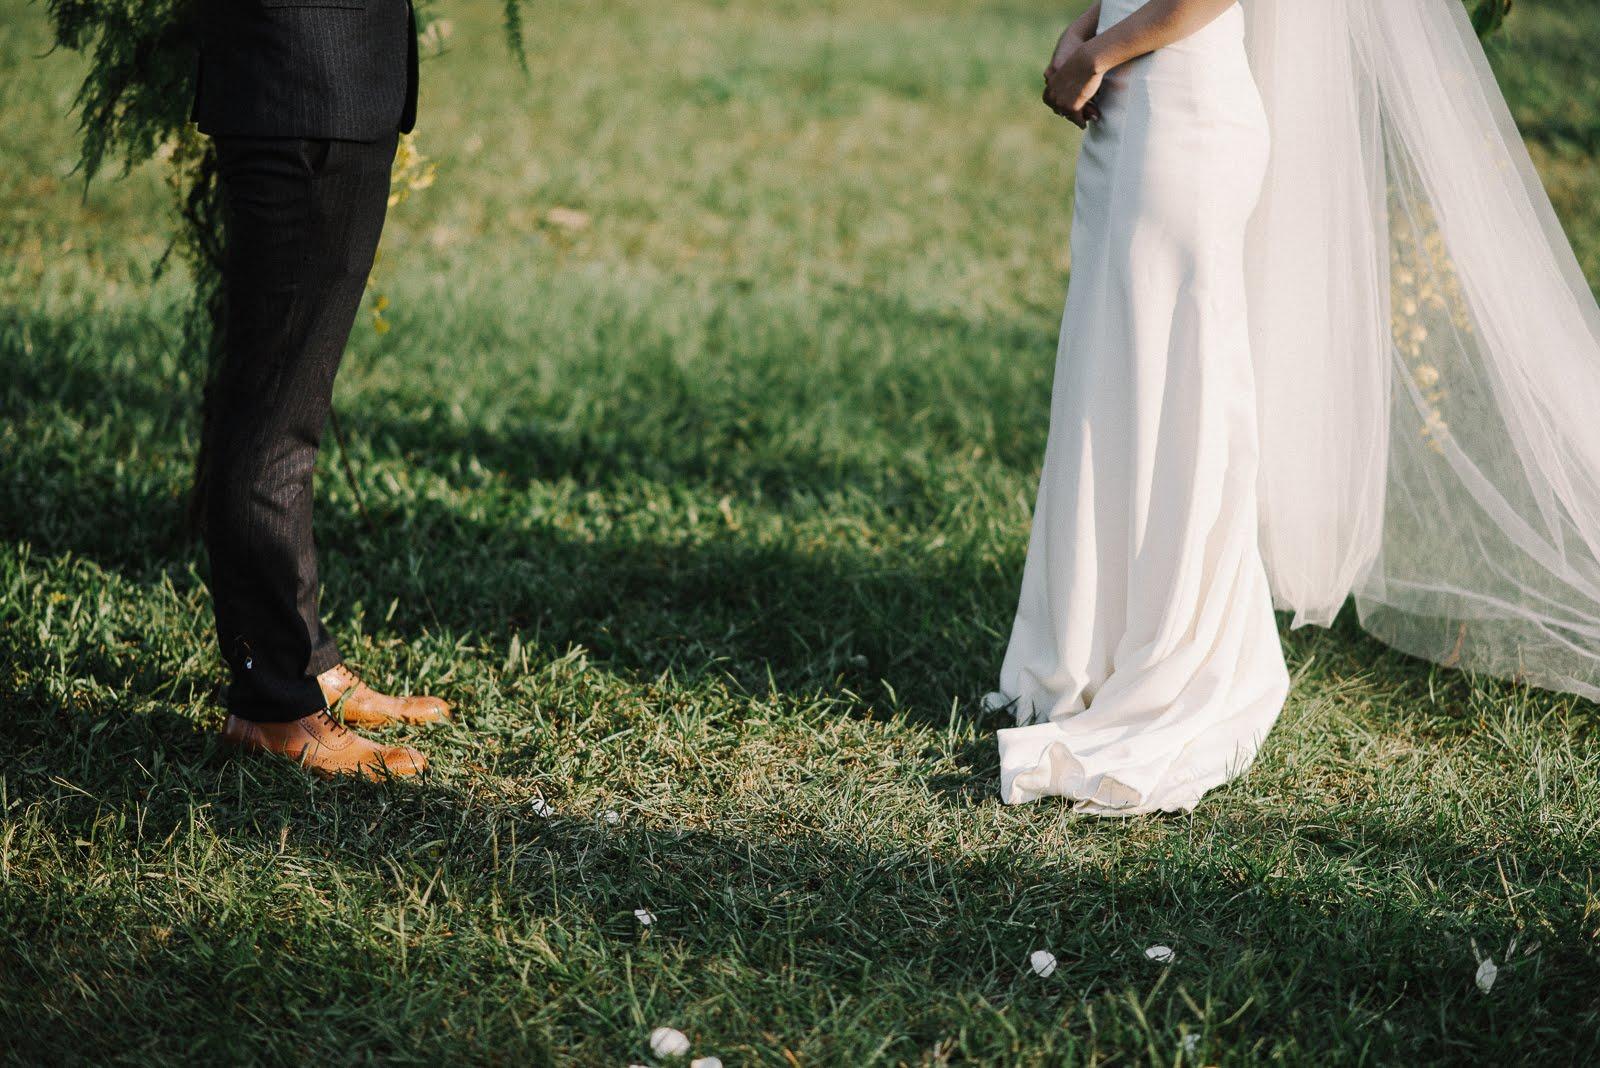 彰化婚攝 婚攝推薦 顏氏牧場II Yenpasture 結婚晚宴 P&L